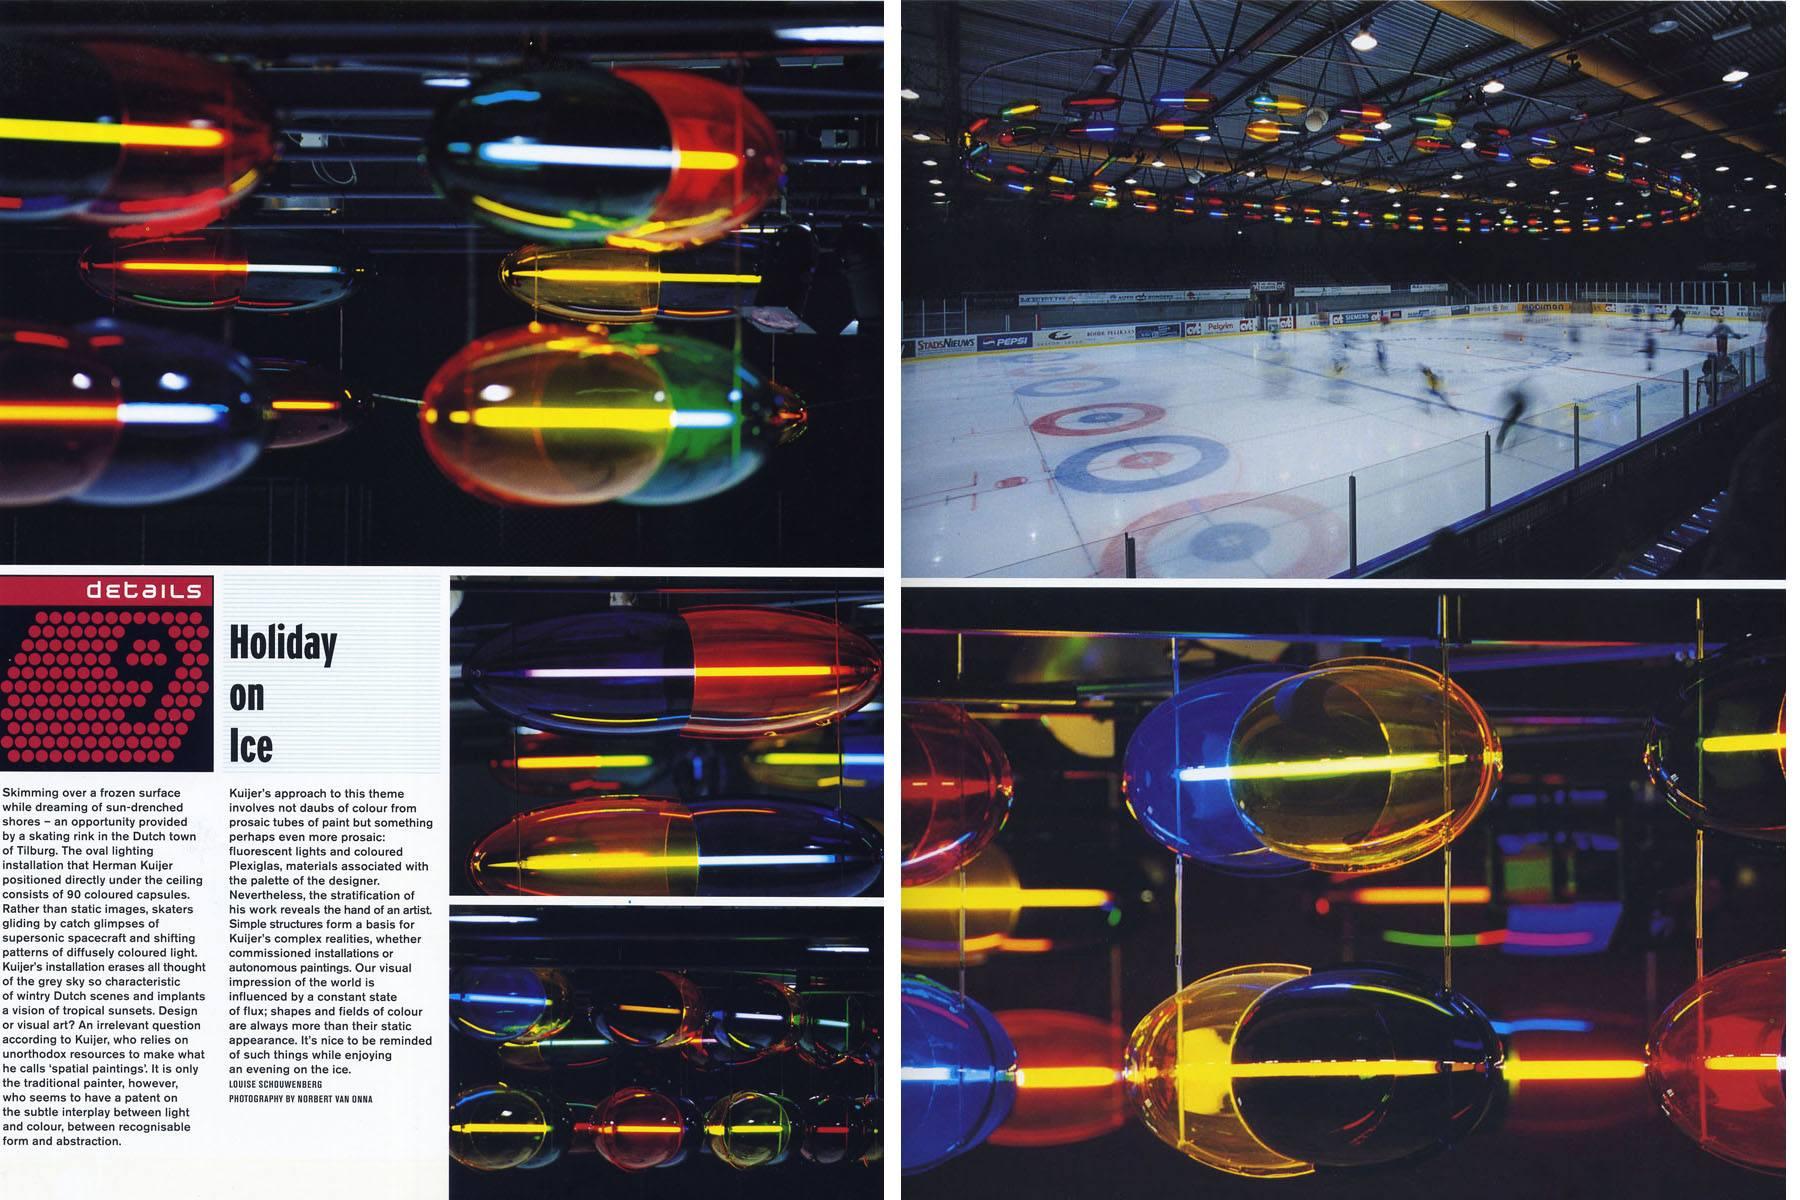 Frame - Lightart Skating rink Tilburg, Netherlands